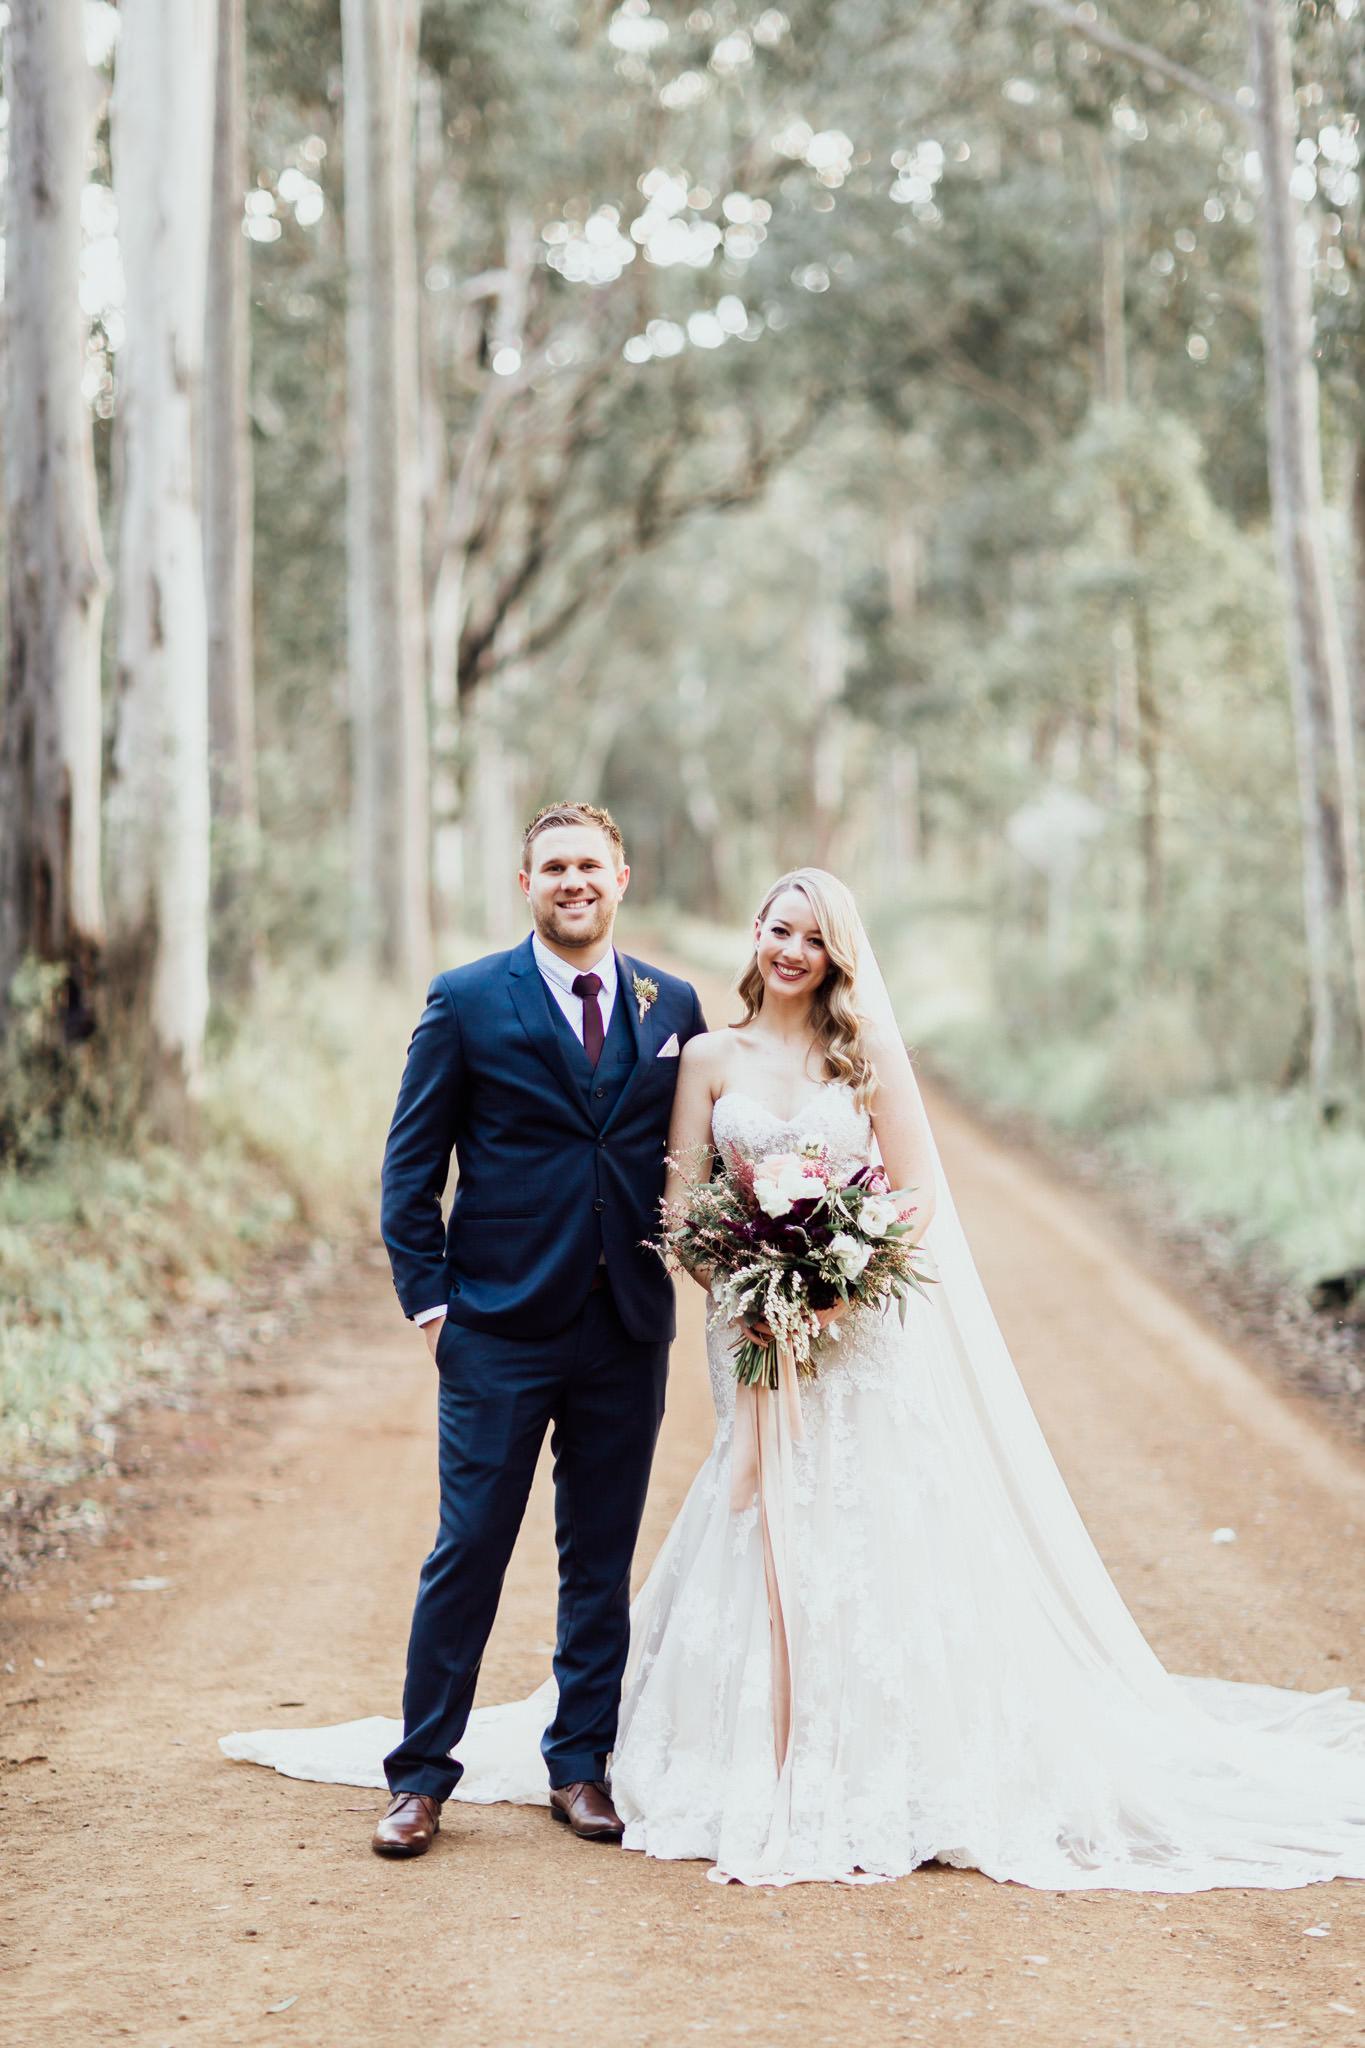 WeddingPhotos_Facebook_2048pixels-1085.jpg